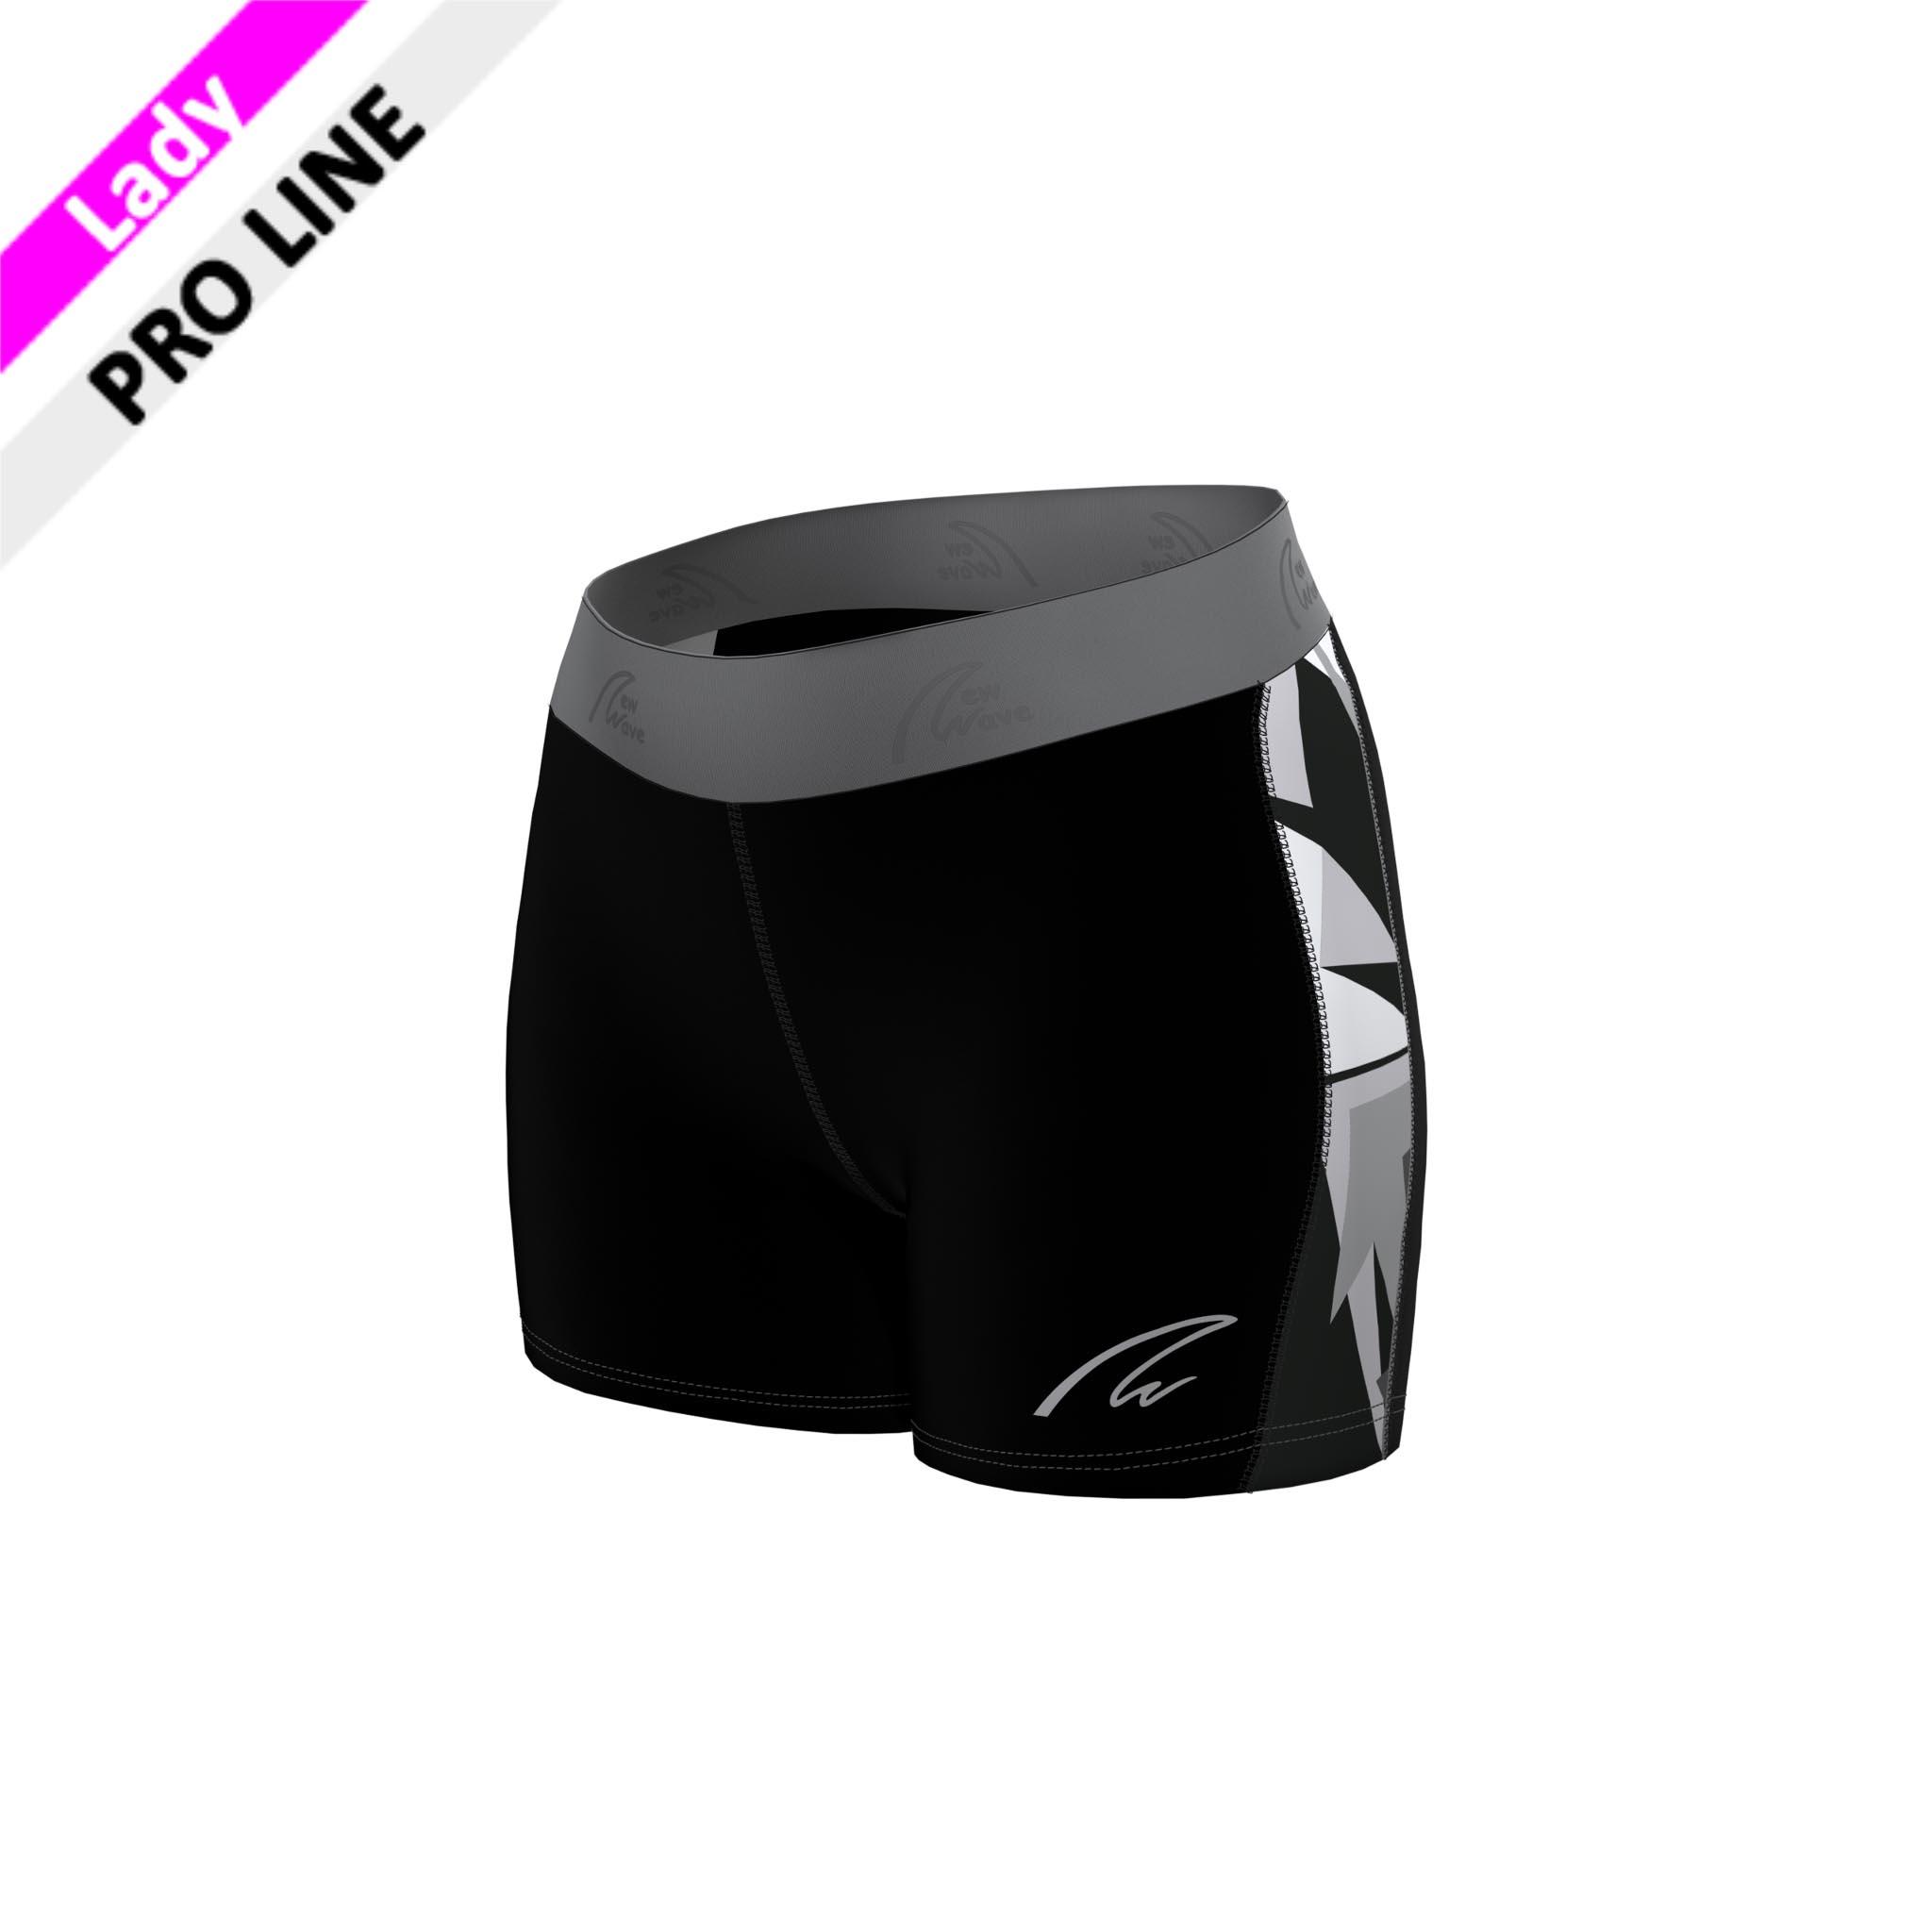 Flex Shorts - Camouflage F / Hose schwarz, Seitenstreifen Camouflage